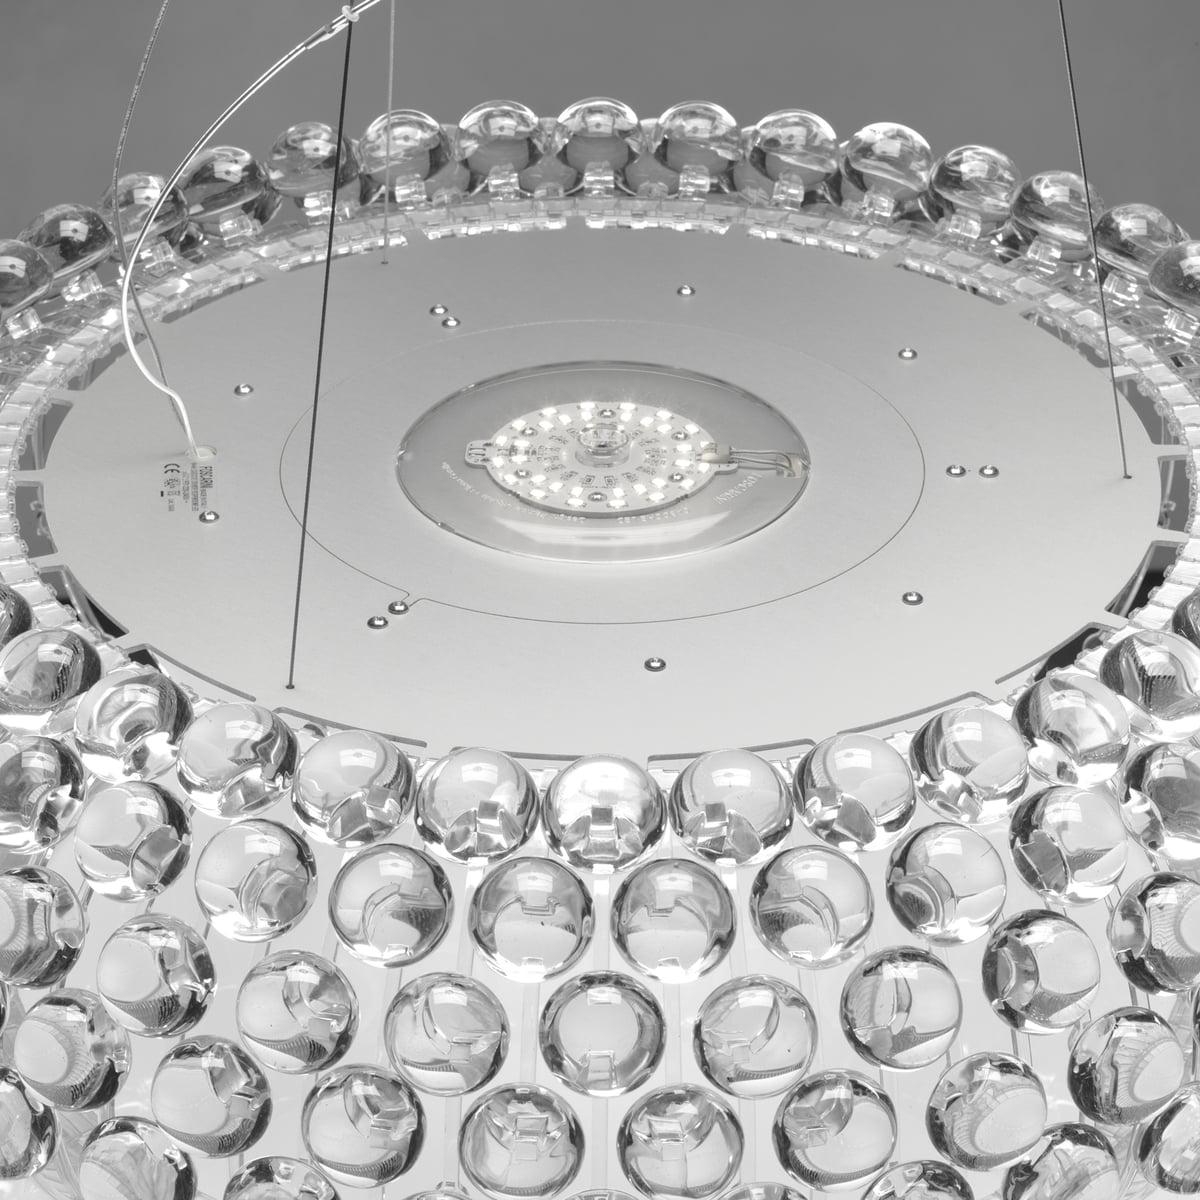 Lampe Caboche Patricia Urquiola foscarini - caboche pendant lamp transparent, piccola